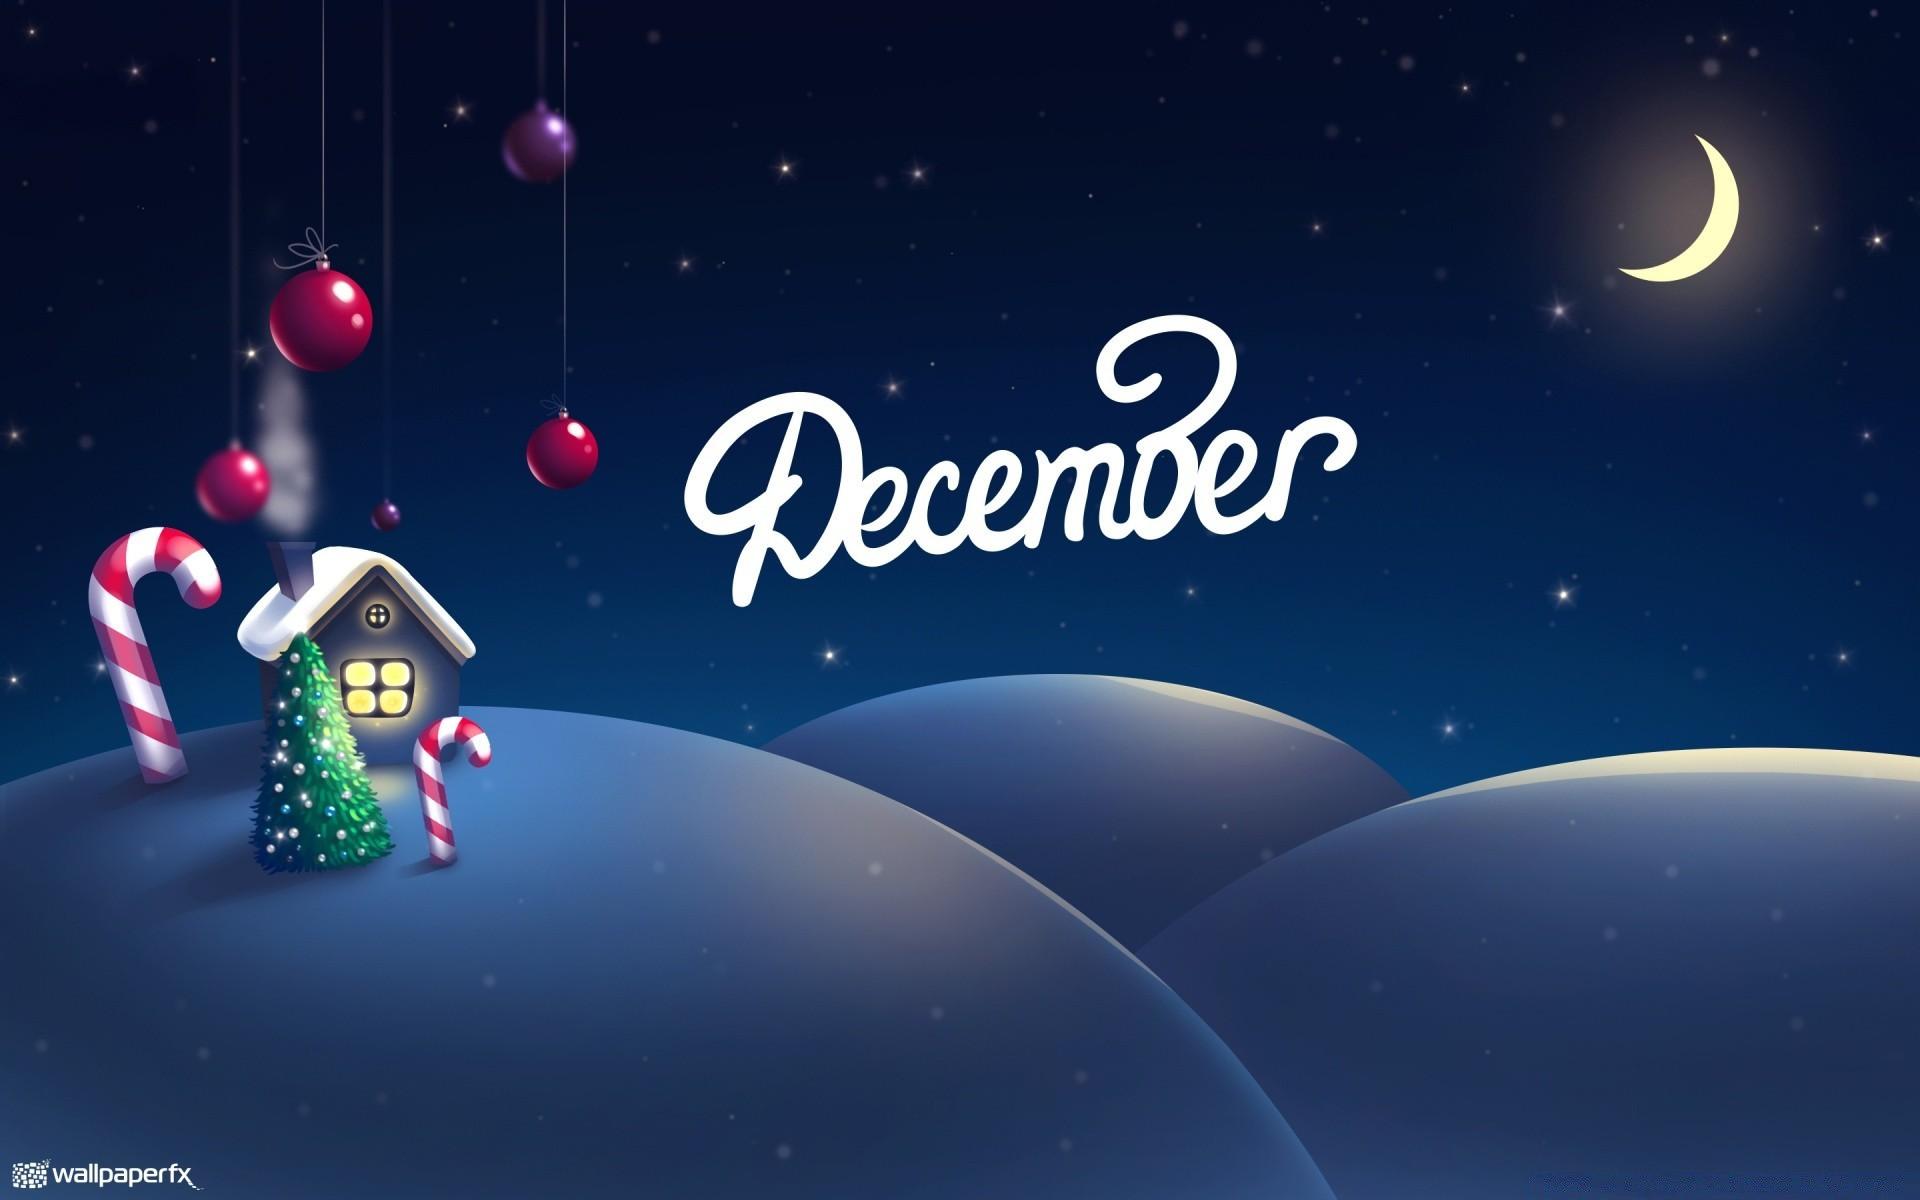 Декабрь новый год картинки на рабочий стол на весь экран